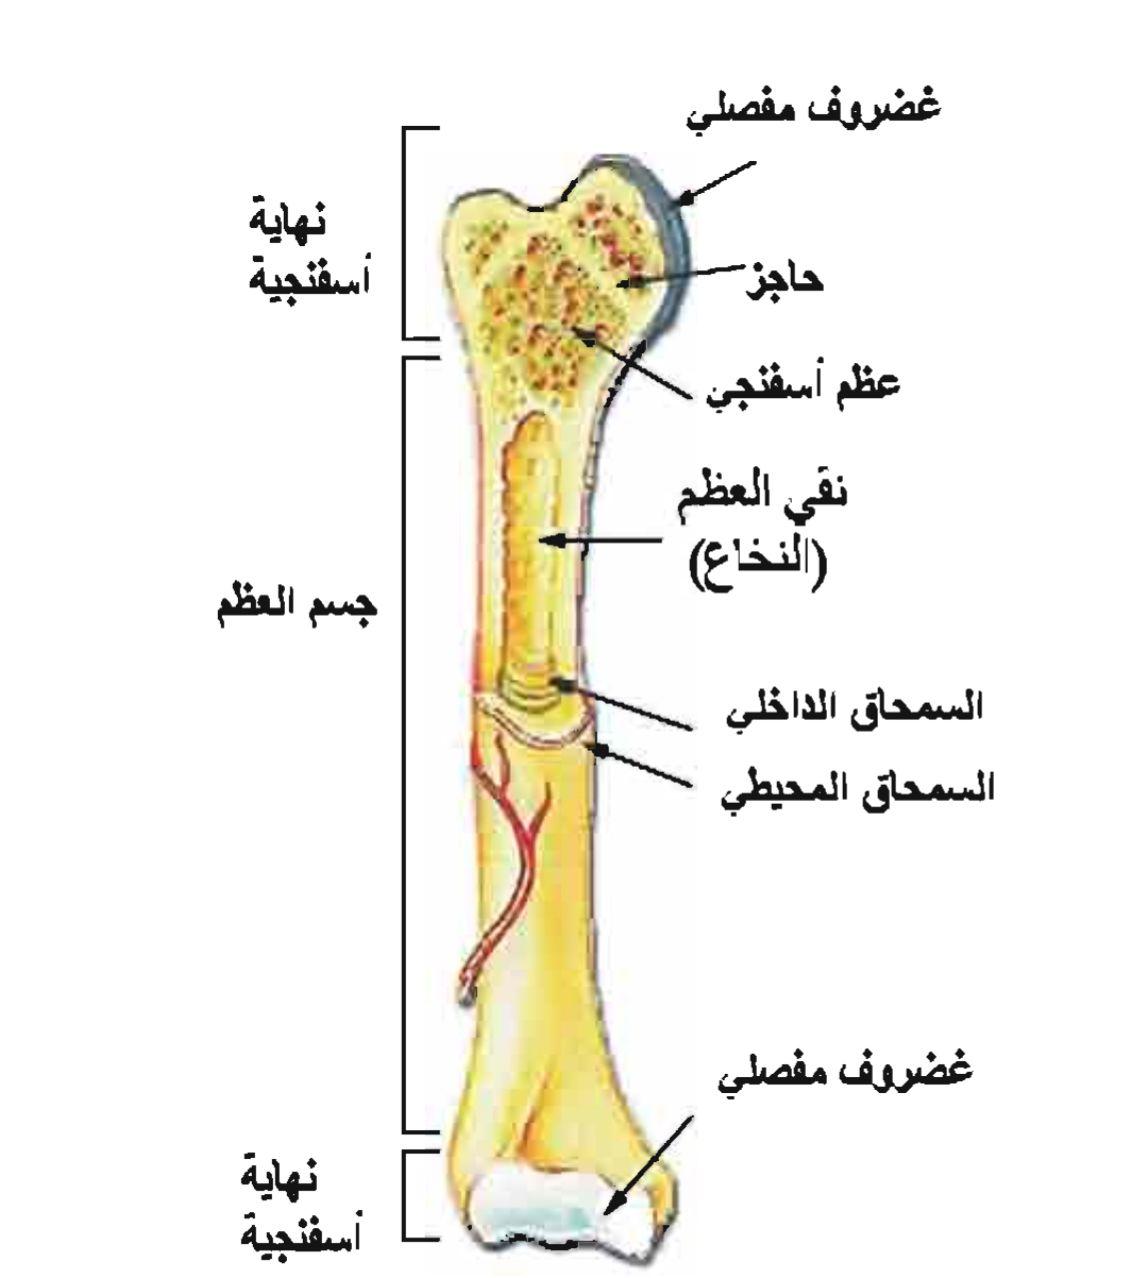 المظهر الخارجي للعظم